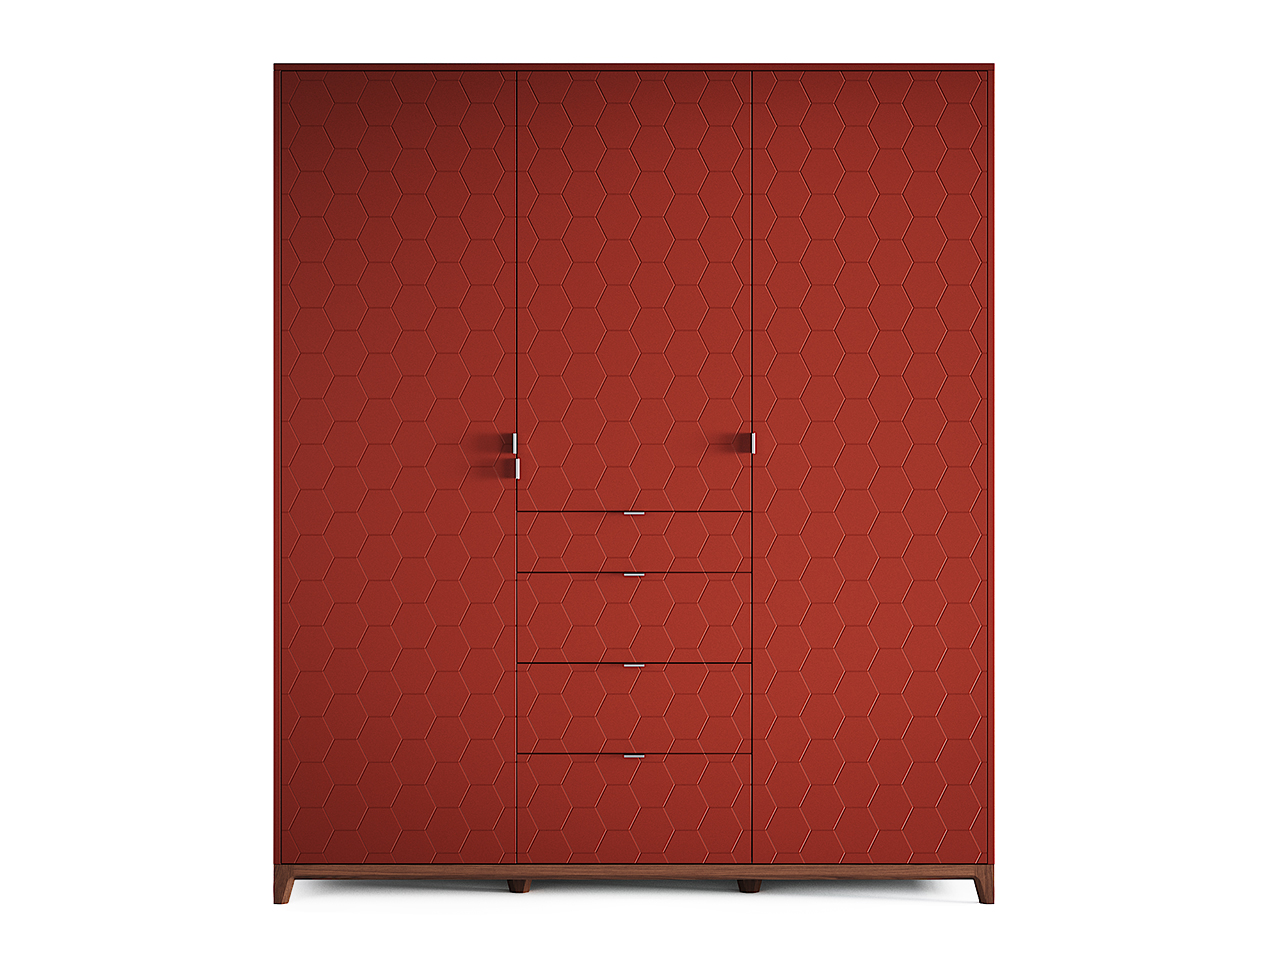 Шкаф Case №2Платяные шкафы<br>Еще более вместительный, прочный и удобный шкаф CASE №2 сочетает в себе продуманную структуру и современный дизайн.В новом варианте предлагаются ящики с внешними фасадами, а также обновленное наполнение шкафов. Внутри комфортно расположены полки и штанги для вешалок, сплошная перфорация позволяет устанавливать полки в удобном положении,предусмотрено два возможных положения штанг (для хранения длинных вещей / для большего количества вещей). В комплекте поставляется дополнительная полка и дополнительная штанга для вешалок.Материал: массив дуба, МДФ, ДСП, эмаль, лак<br><br>kit: None<br>gender: None